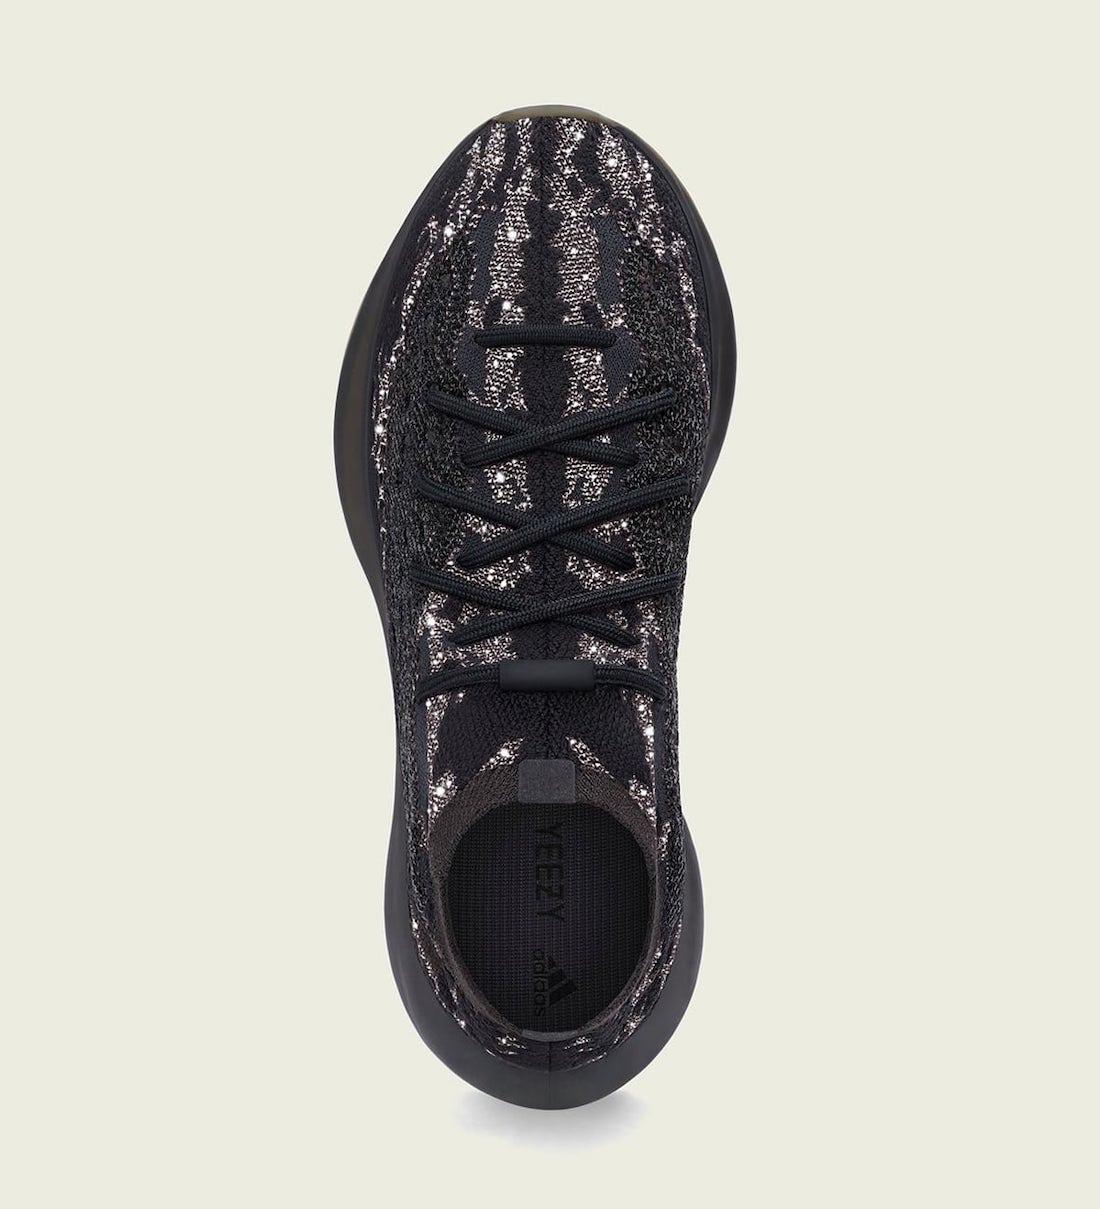 adidas Yeezy 380 Onyx Reflective Release Date